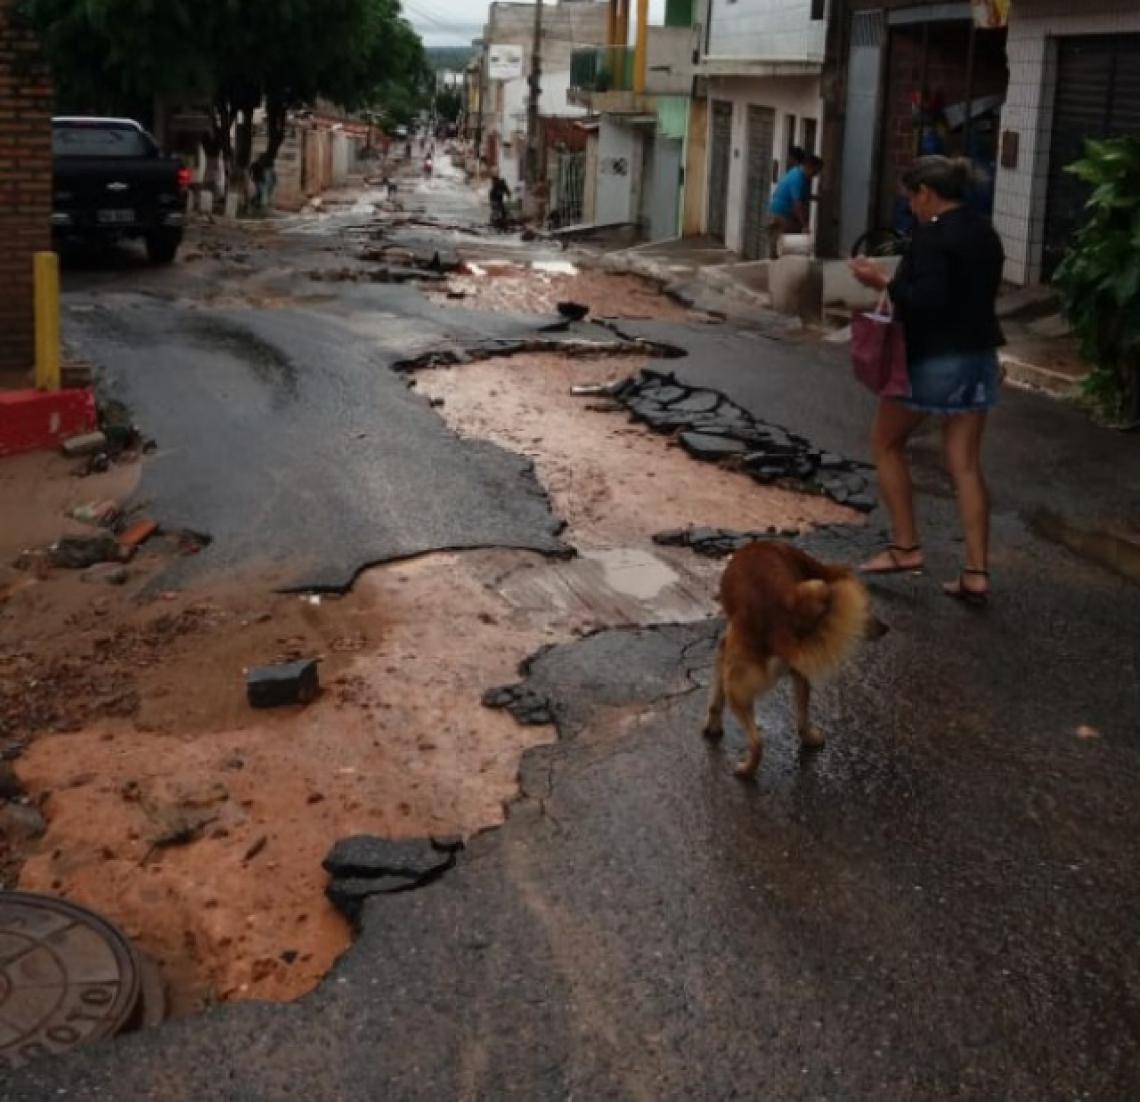 Força das águas da chuva em Tianguá danificaram o asfalto. (Foto: via WhatsApp O POVO)